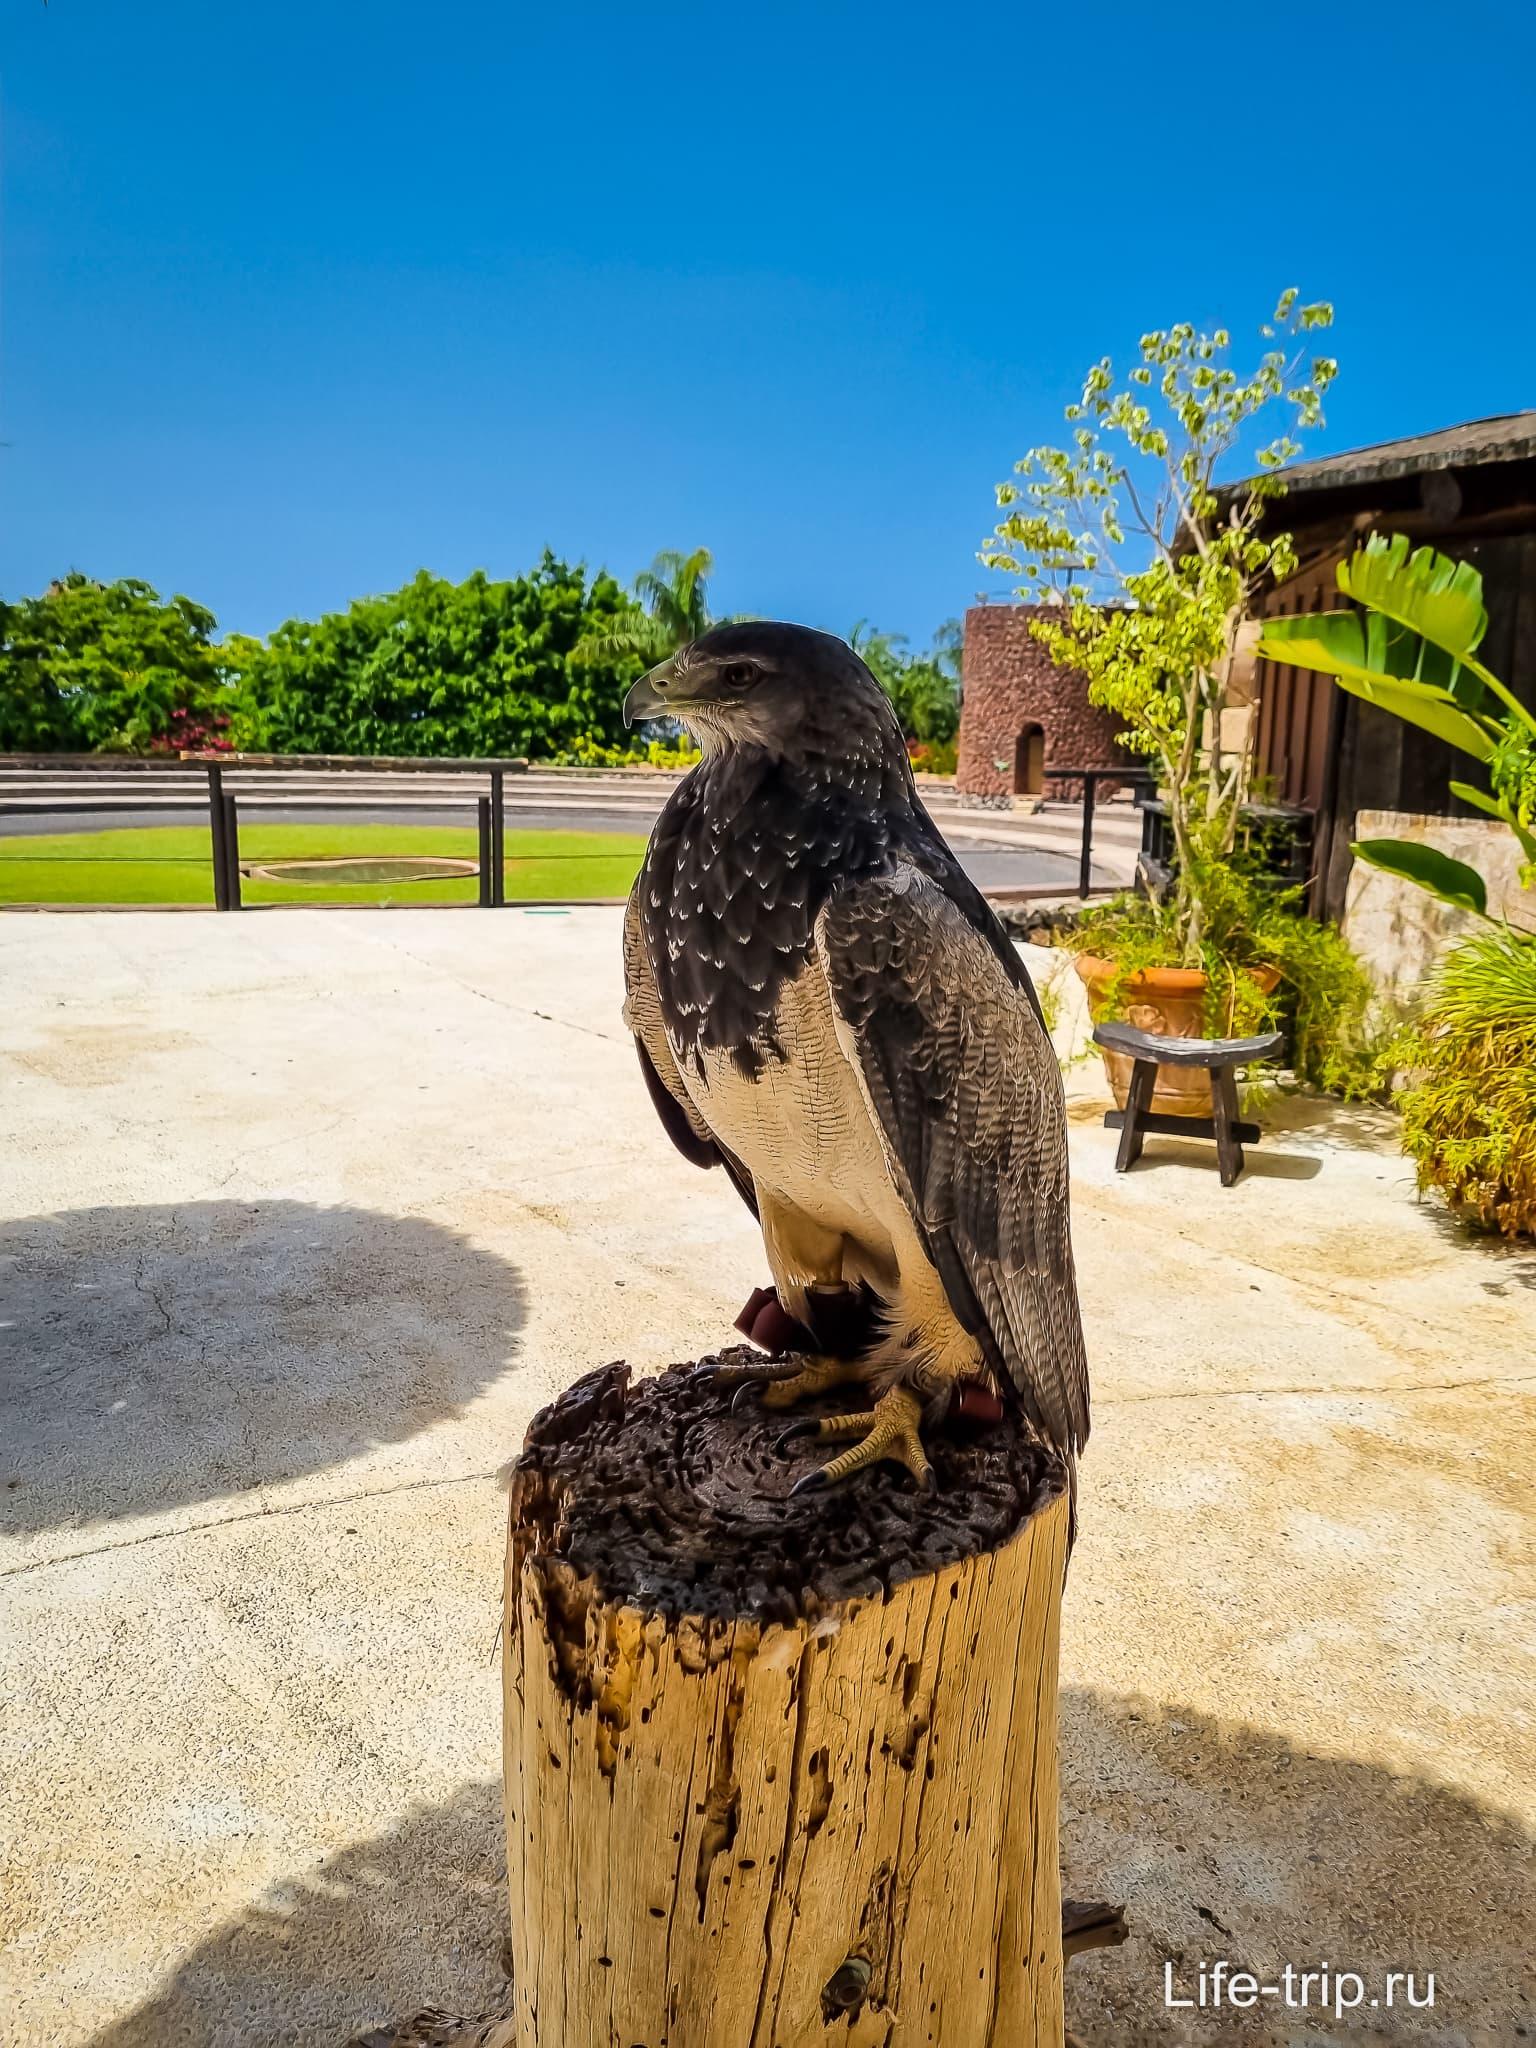 Зоопарк Jungle Park на Тенерифе